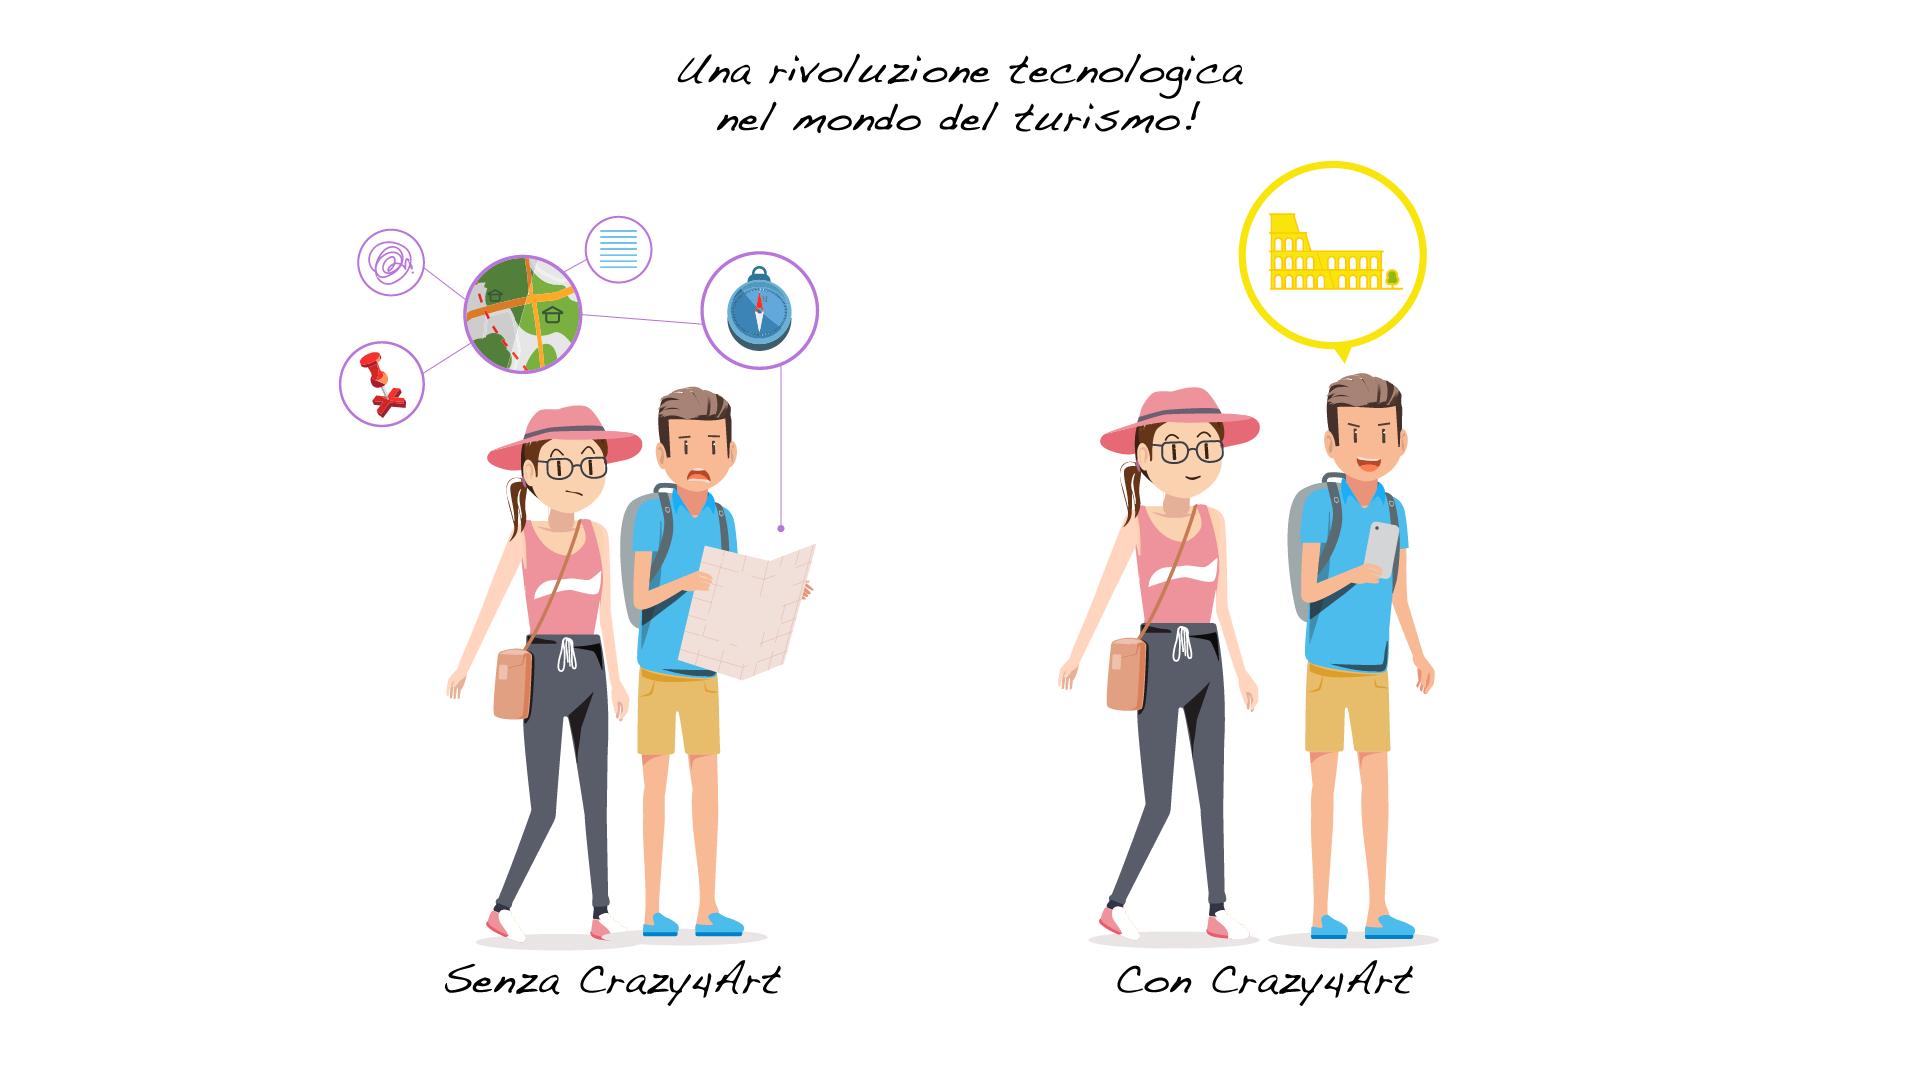 Crazy4Art App Roma audioguida realizzazione immagini Play Store - Apple App Store- Web Graphic Designer - Patrizio Rossi